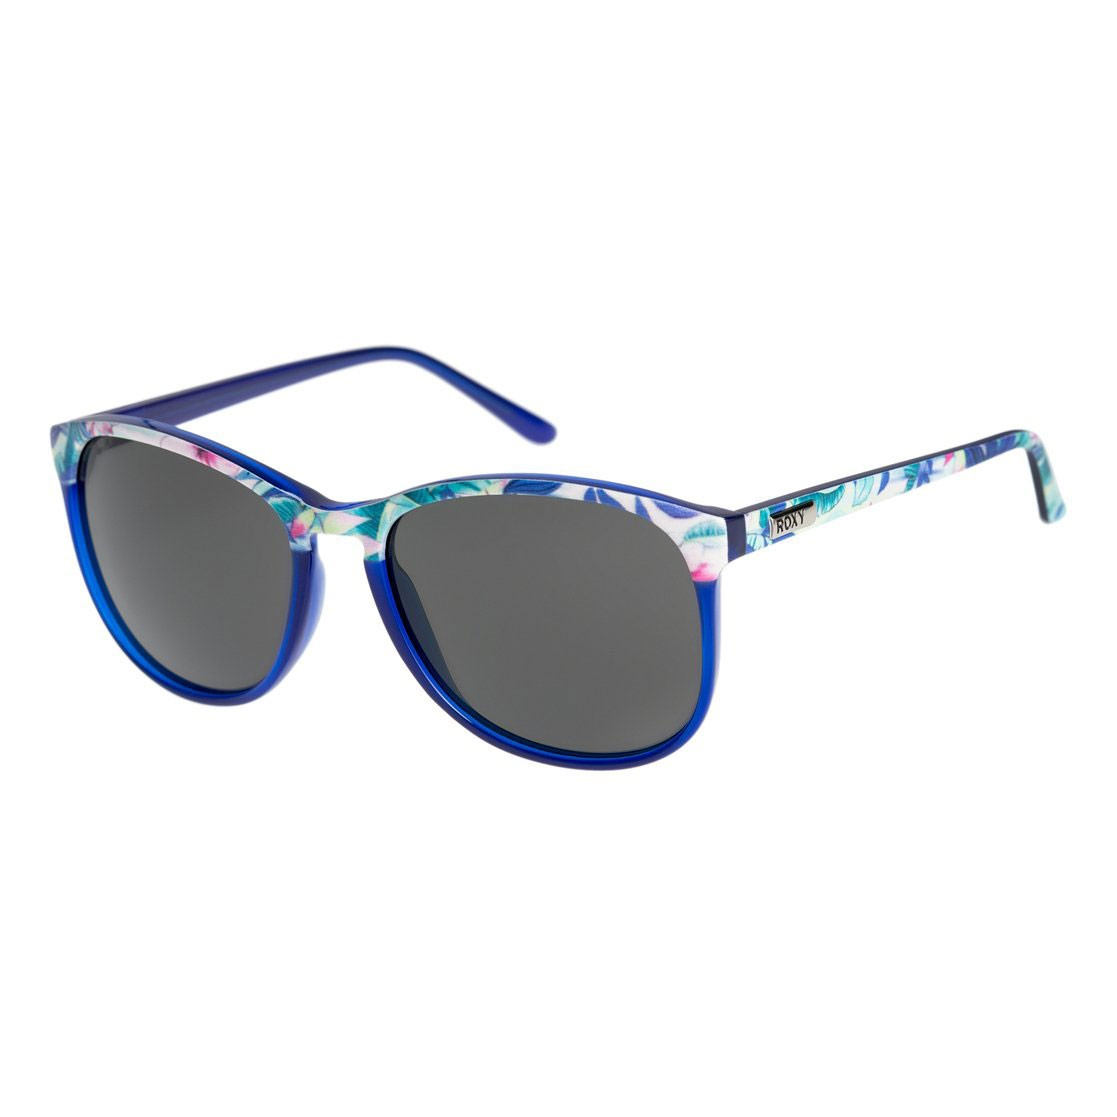 Sluneční brýle Roxy Josephine navy/flower vel.GREY 14 + doručení do 24 hodin